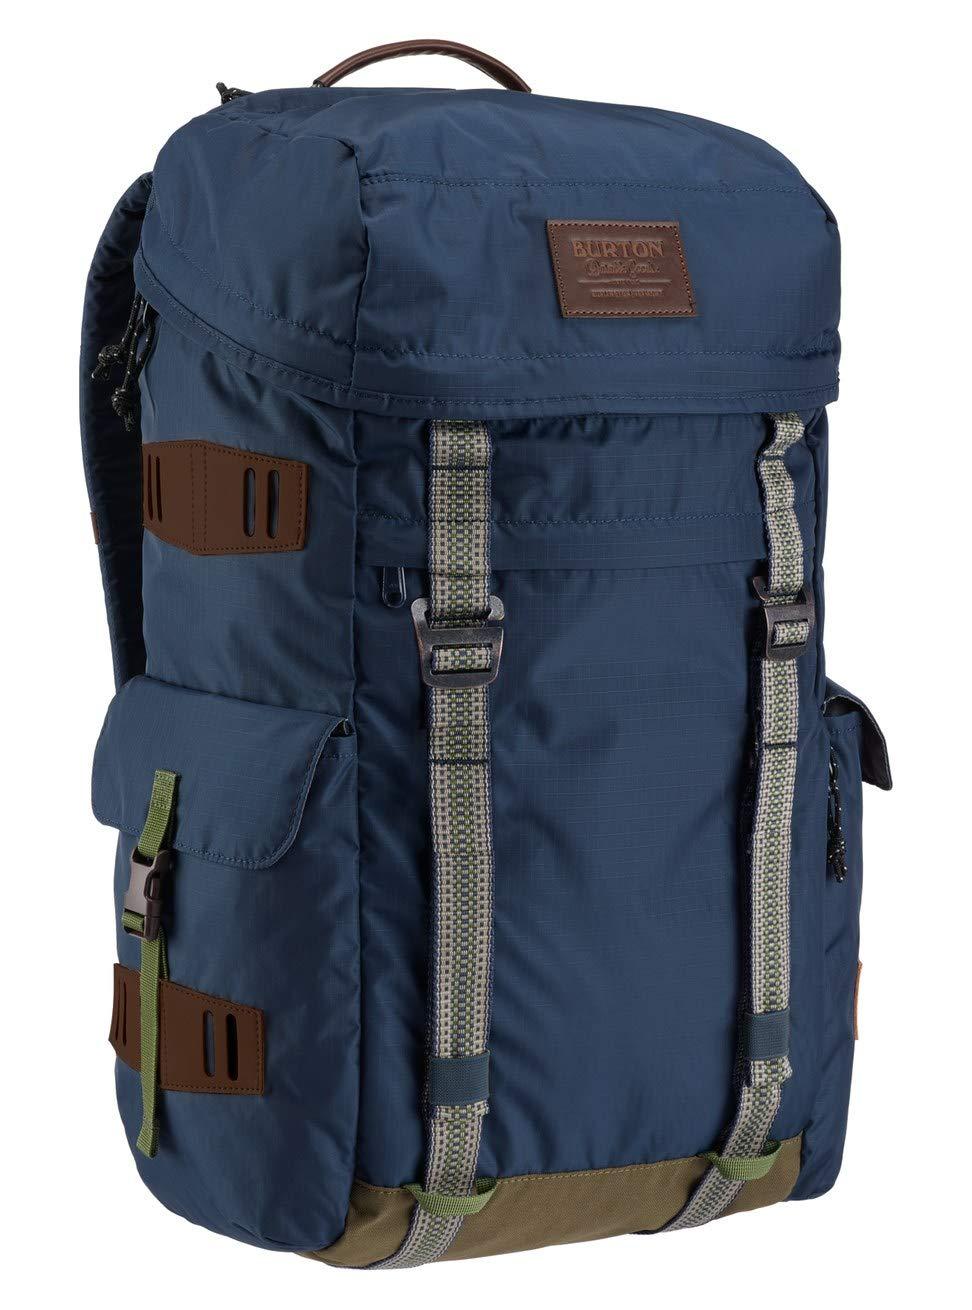 Burton Annex Daypack B07D59HVK3 Daypacks Neues Design